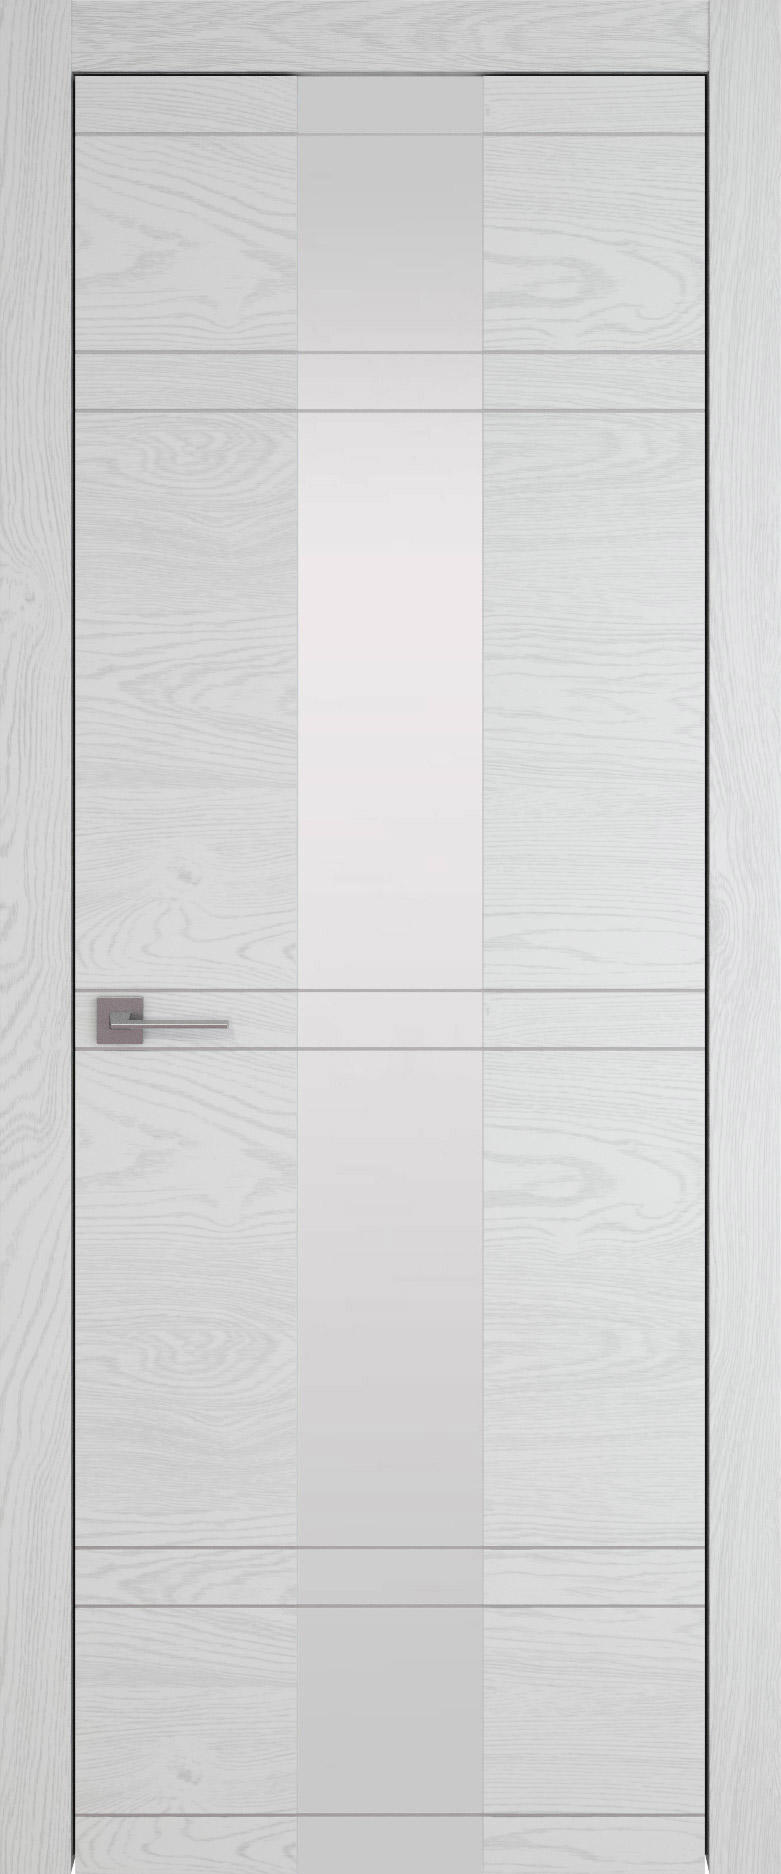 Tivoli Ж-4 цвет - Белый ясень (шпон) Со стеклом (ДО)